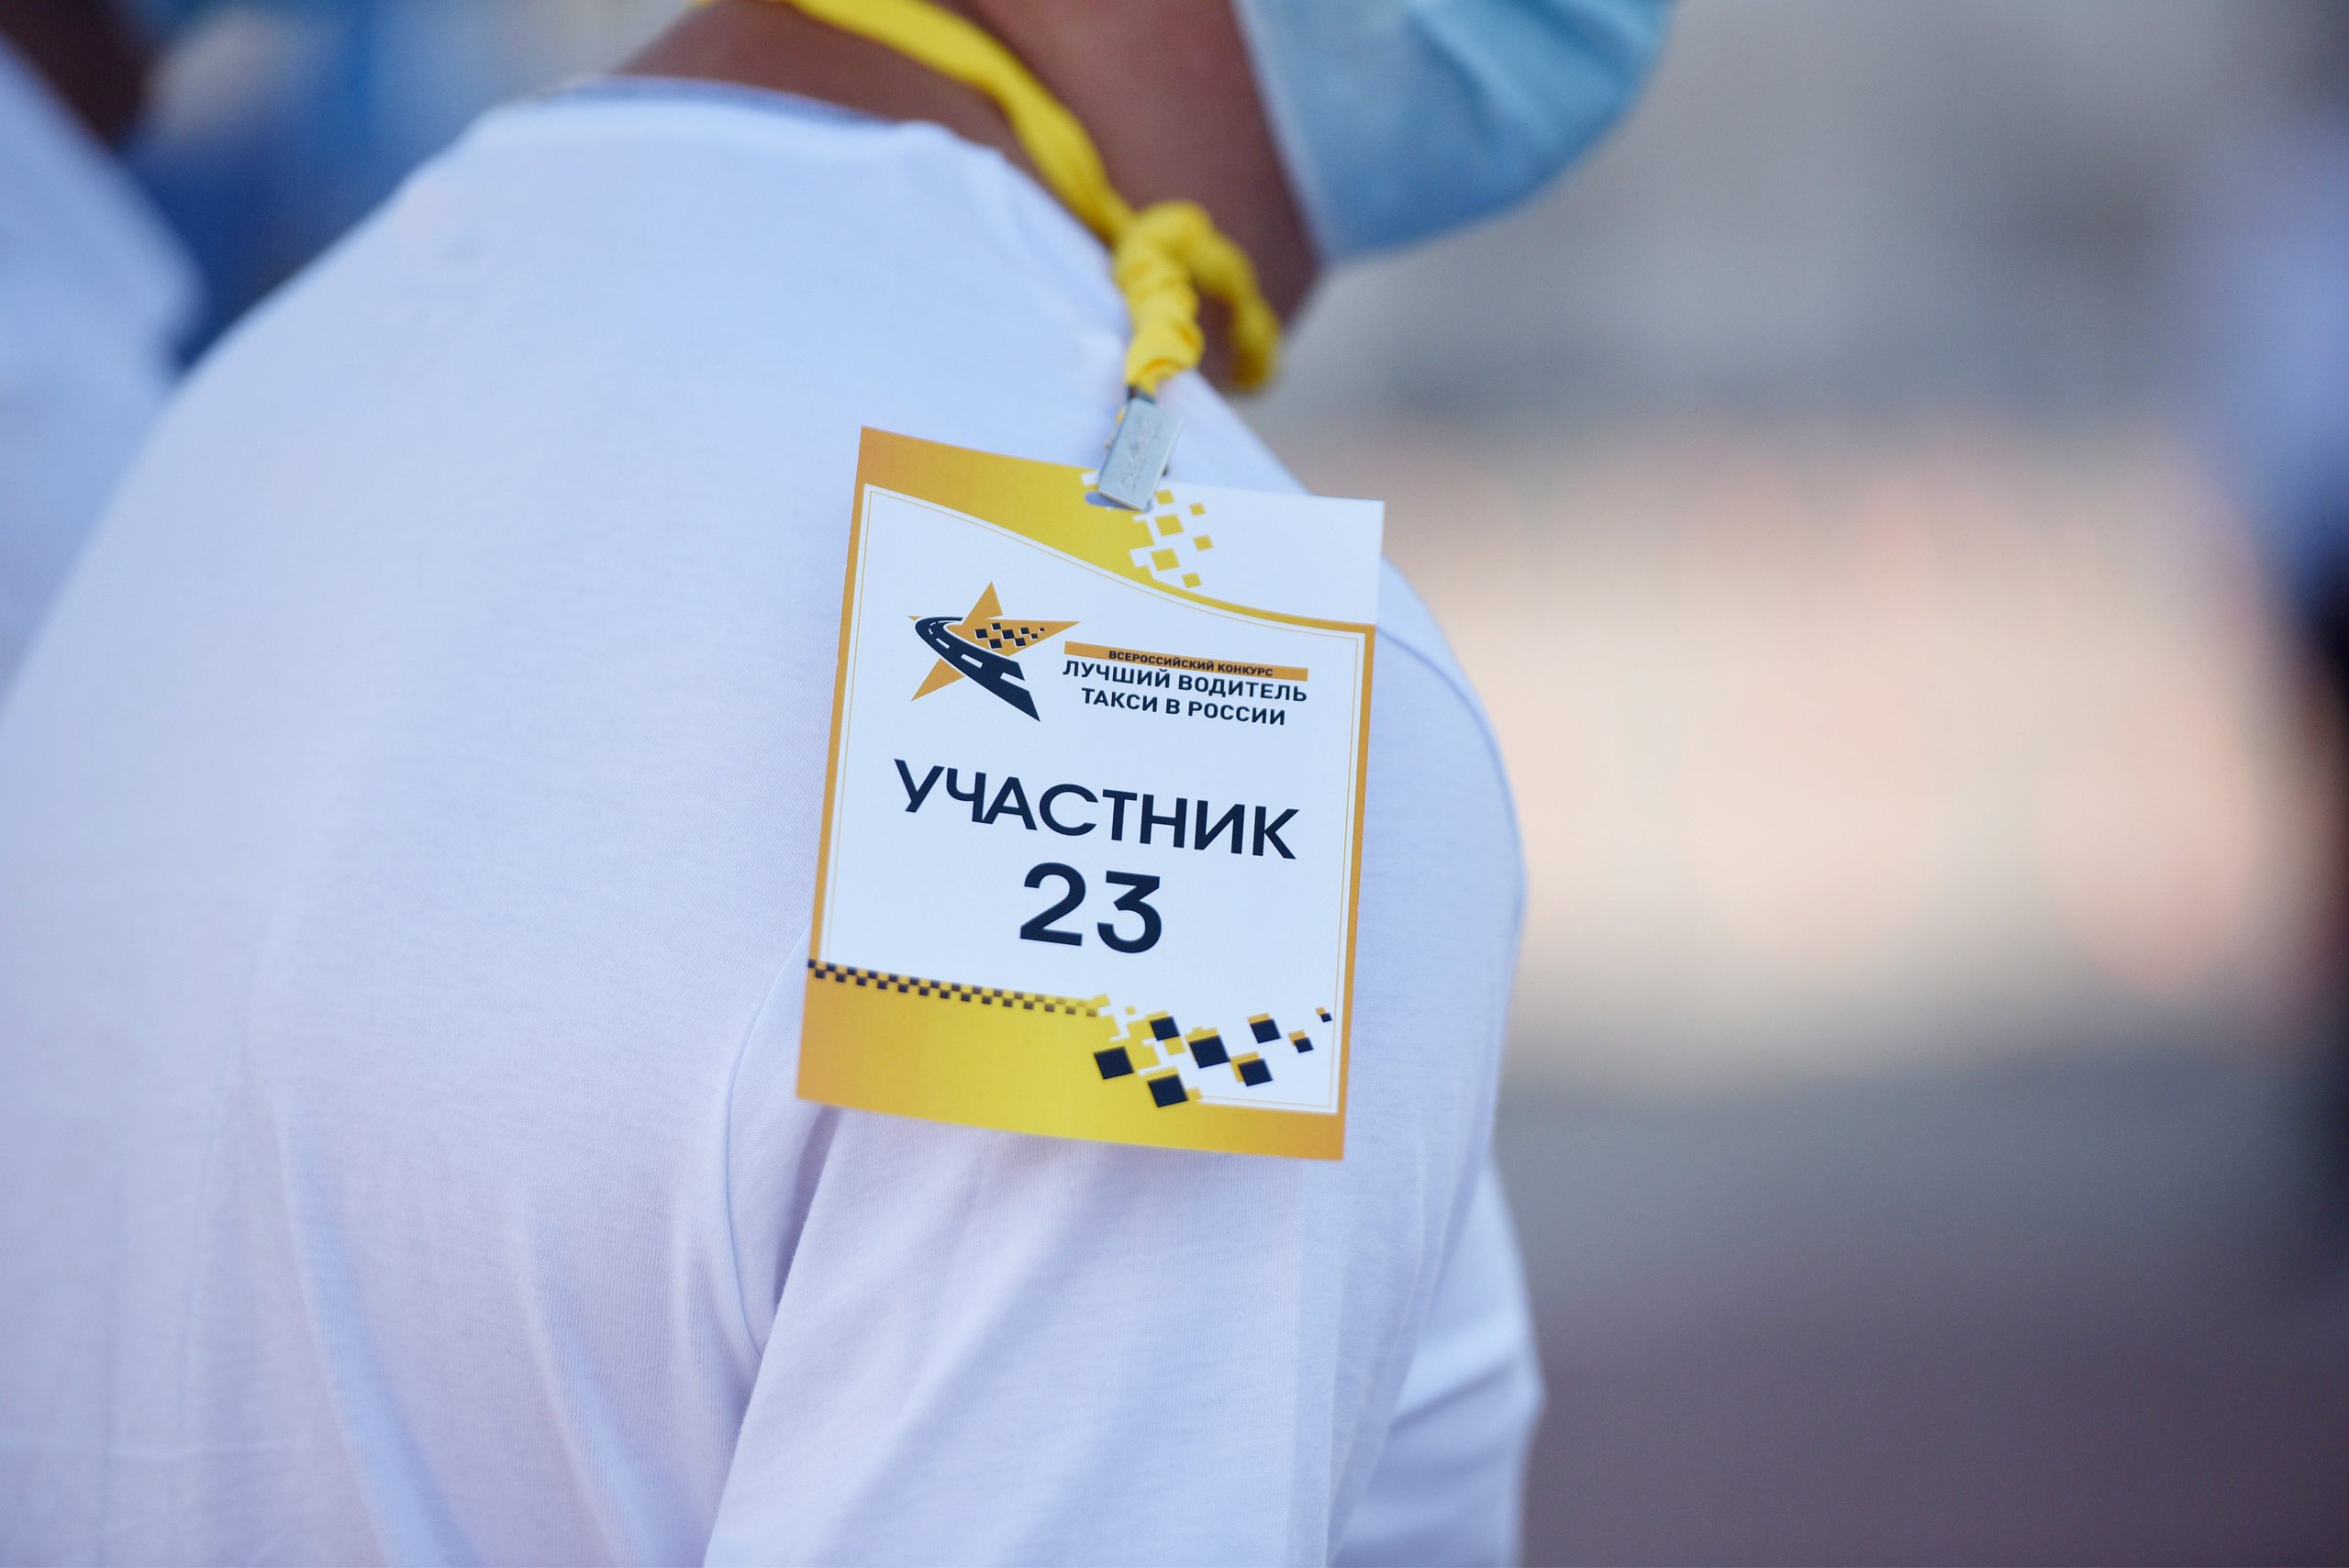 «Лучший водитель такси в России – 2021» открывает регистрацию заявок на участие в конкурсе